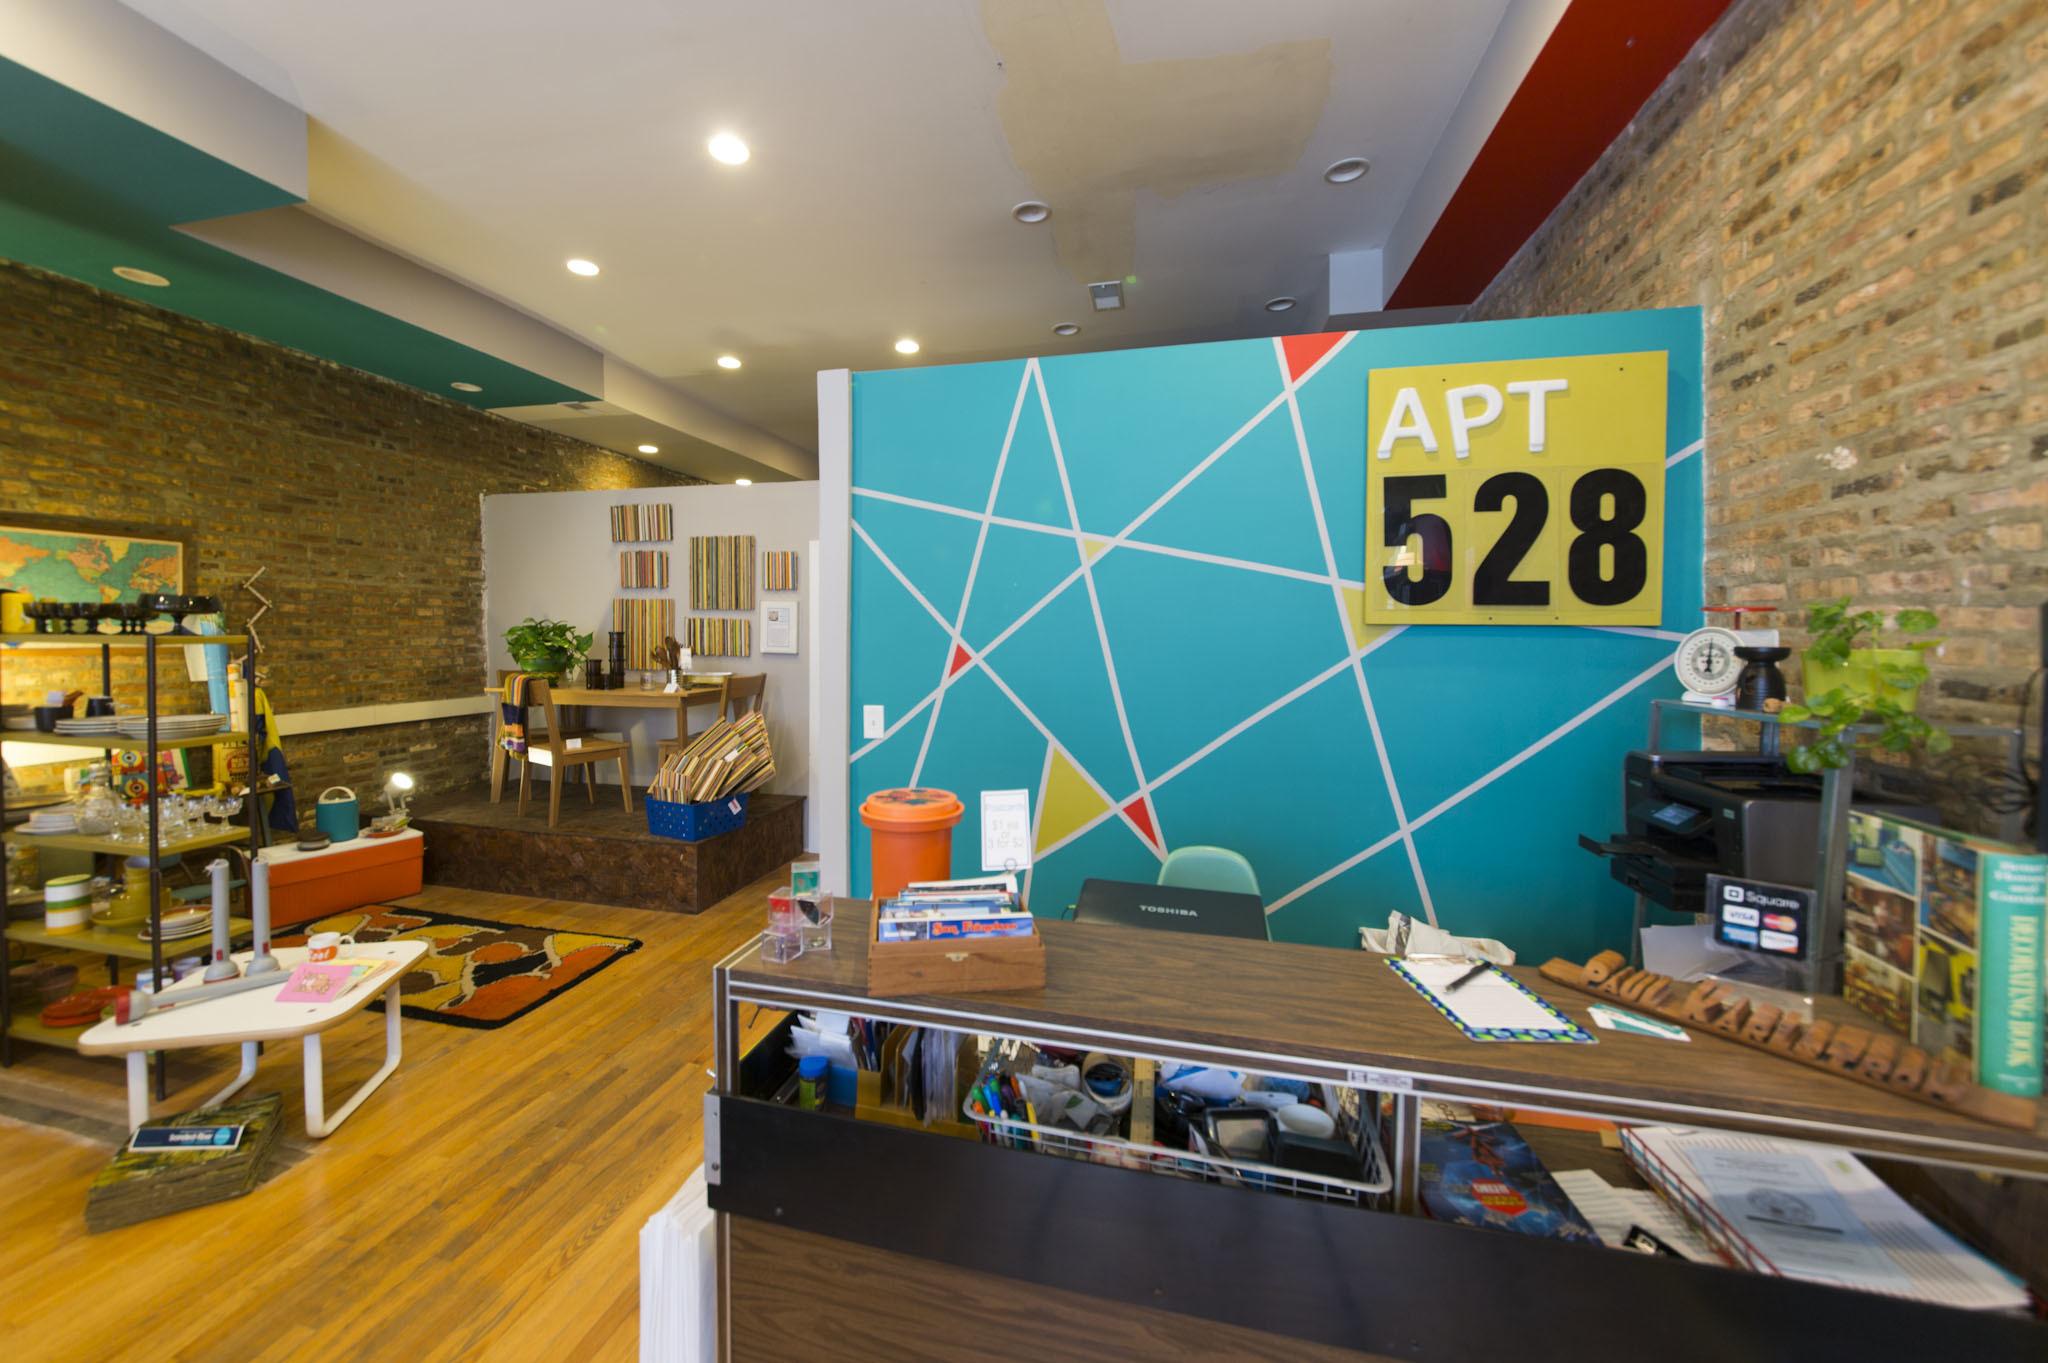 Apartment 528